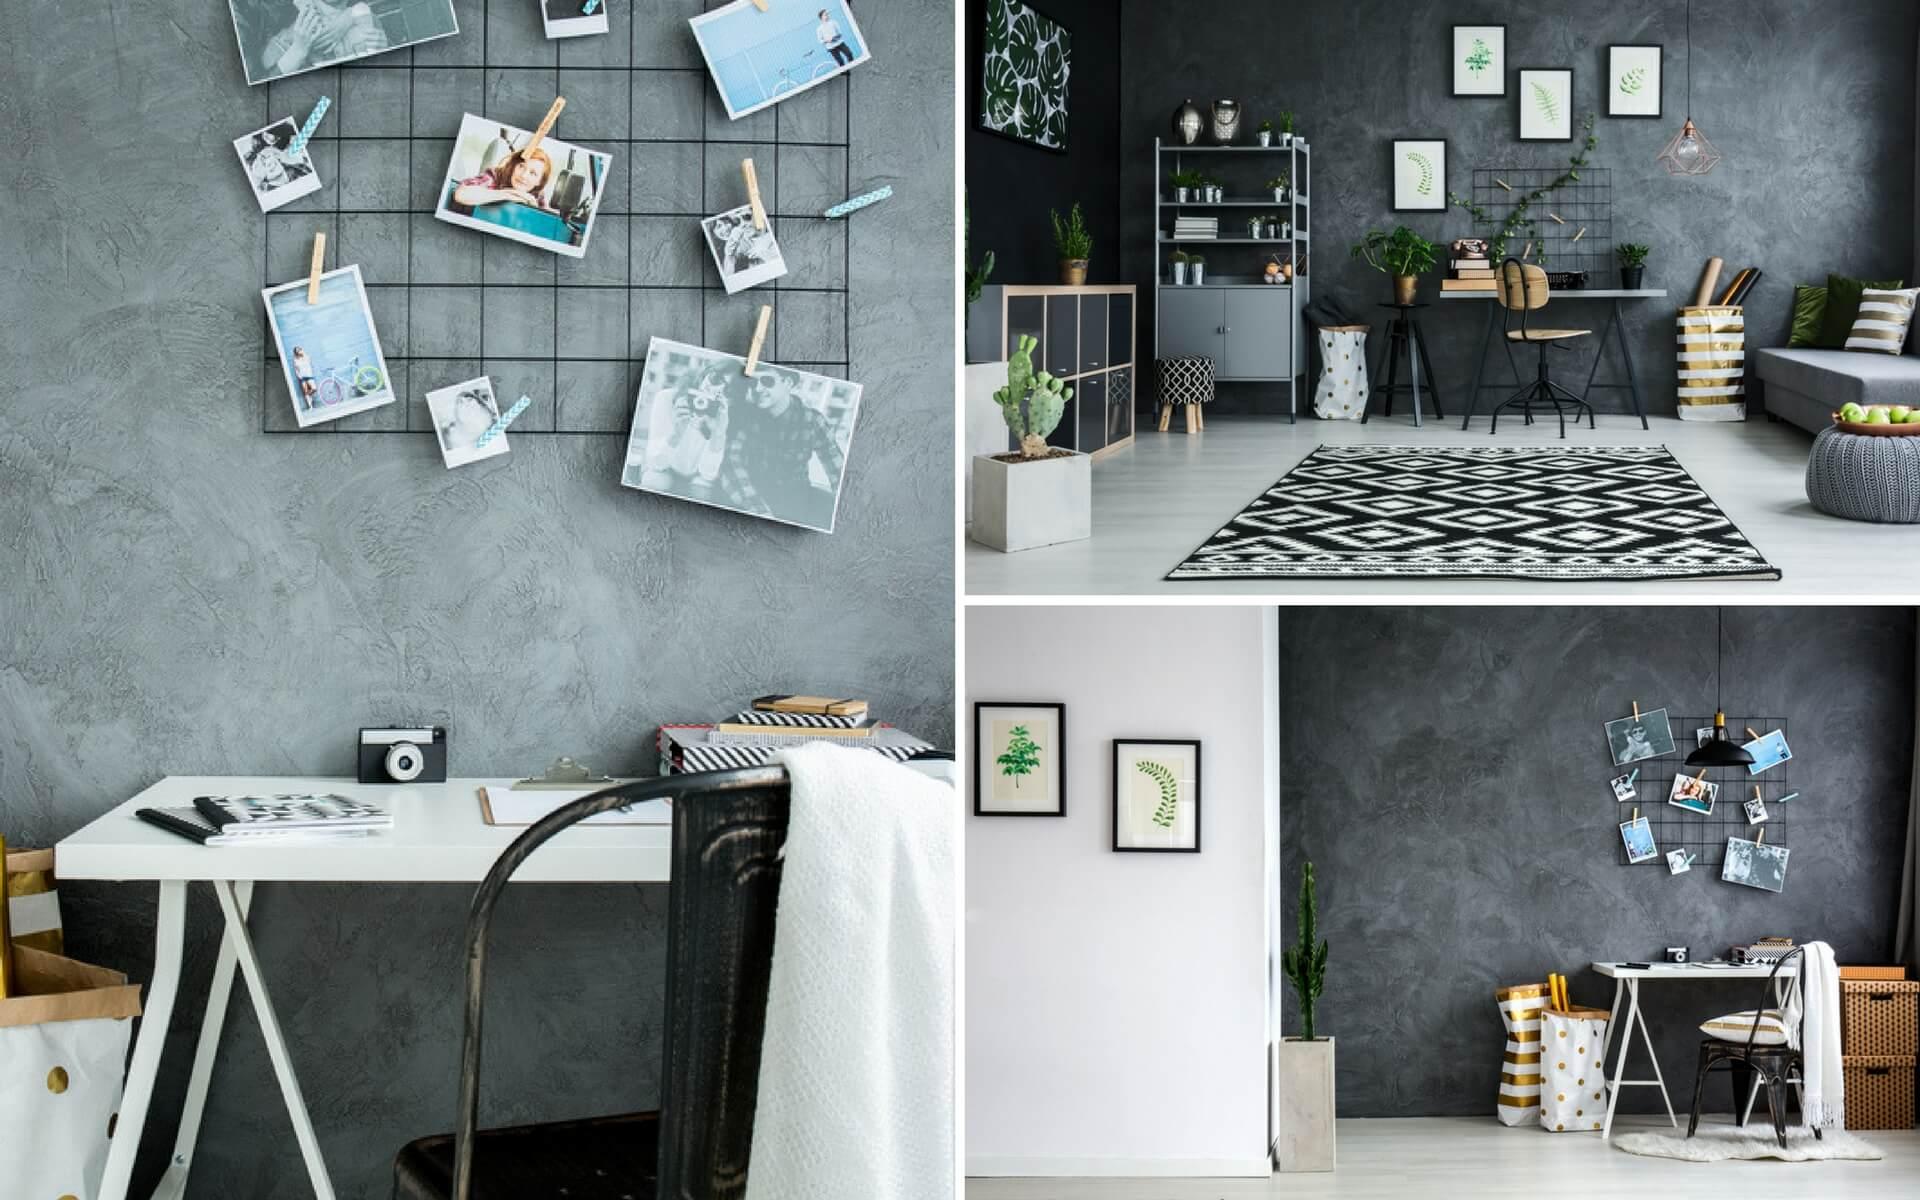 Pareti Con Fotografie : Come decorare le pareti in modo originale blog oknoplast